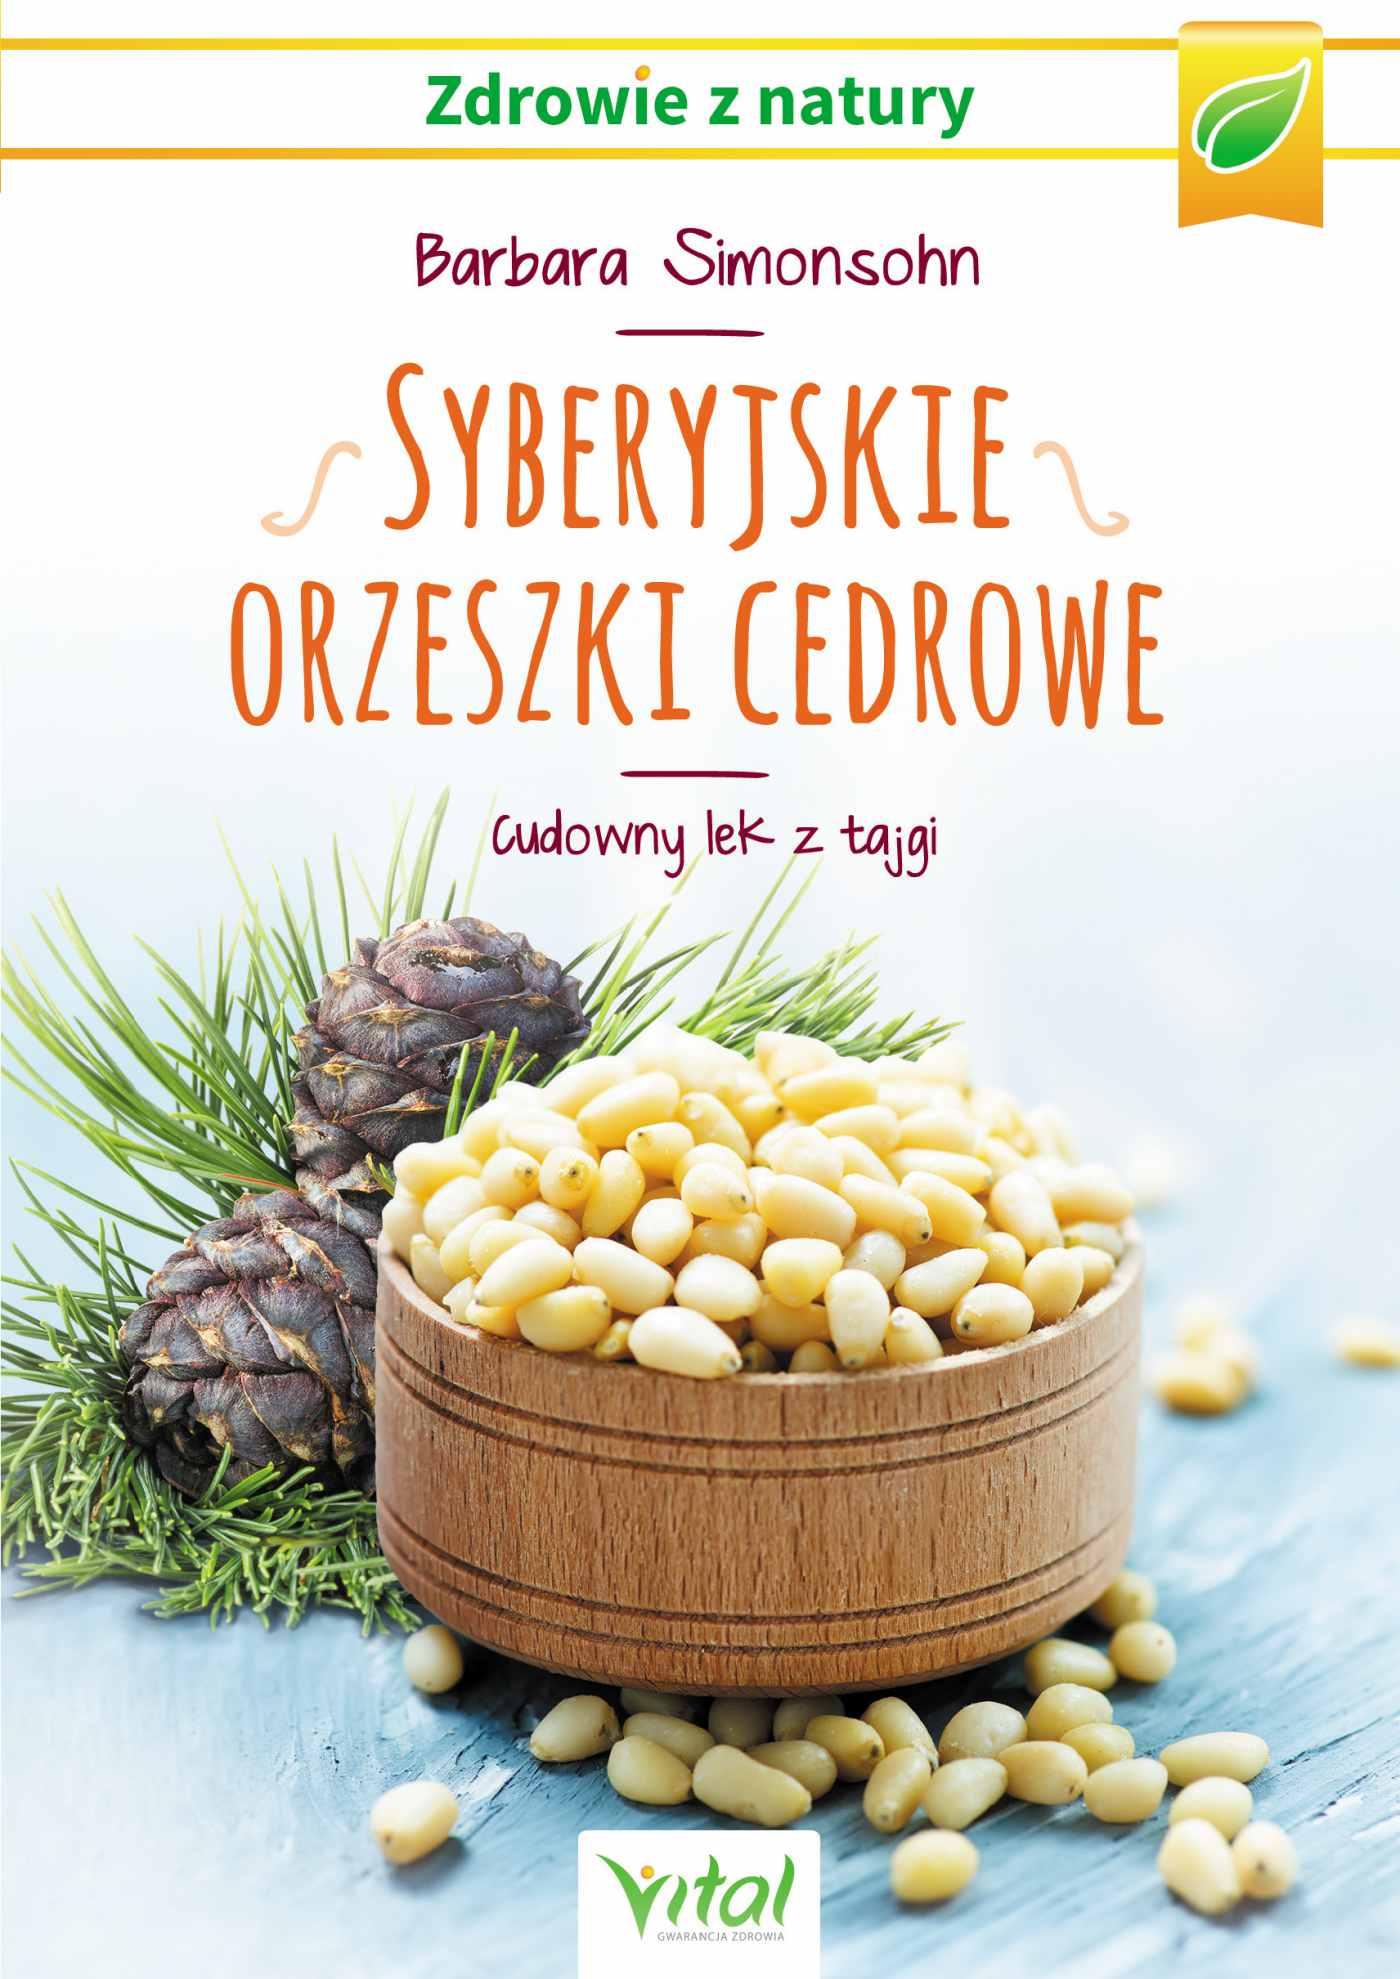 Syberyjskie orzeszki cedrowe. Cudowny lek z tajgi - Ebook (Książka PDF) do pobrania w formacie PDF